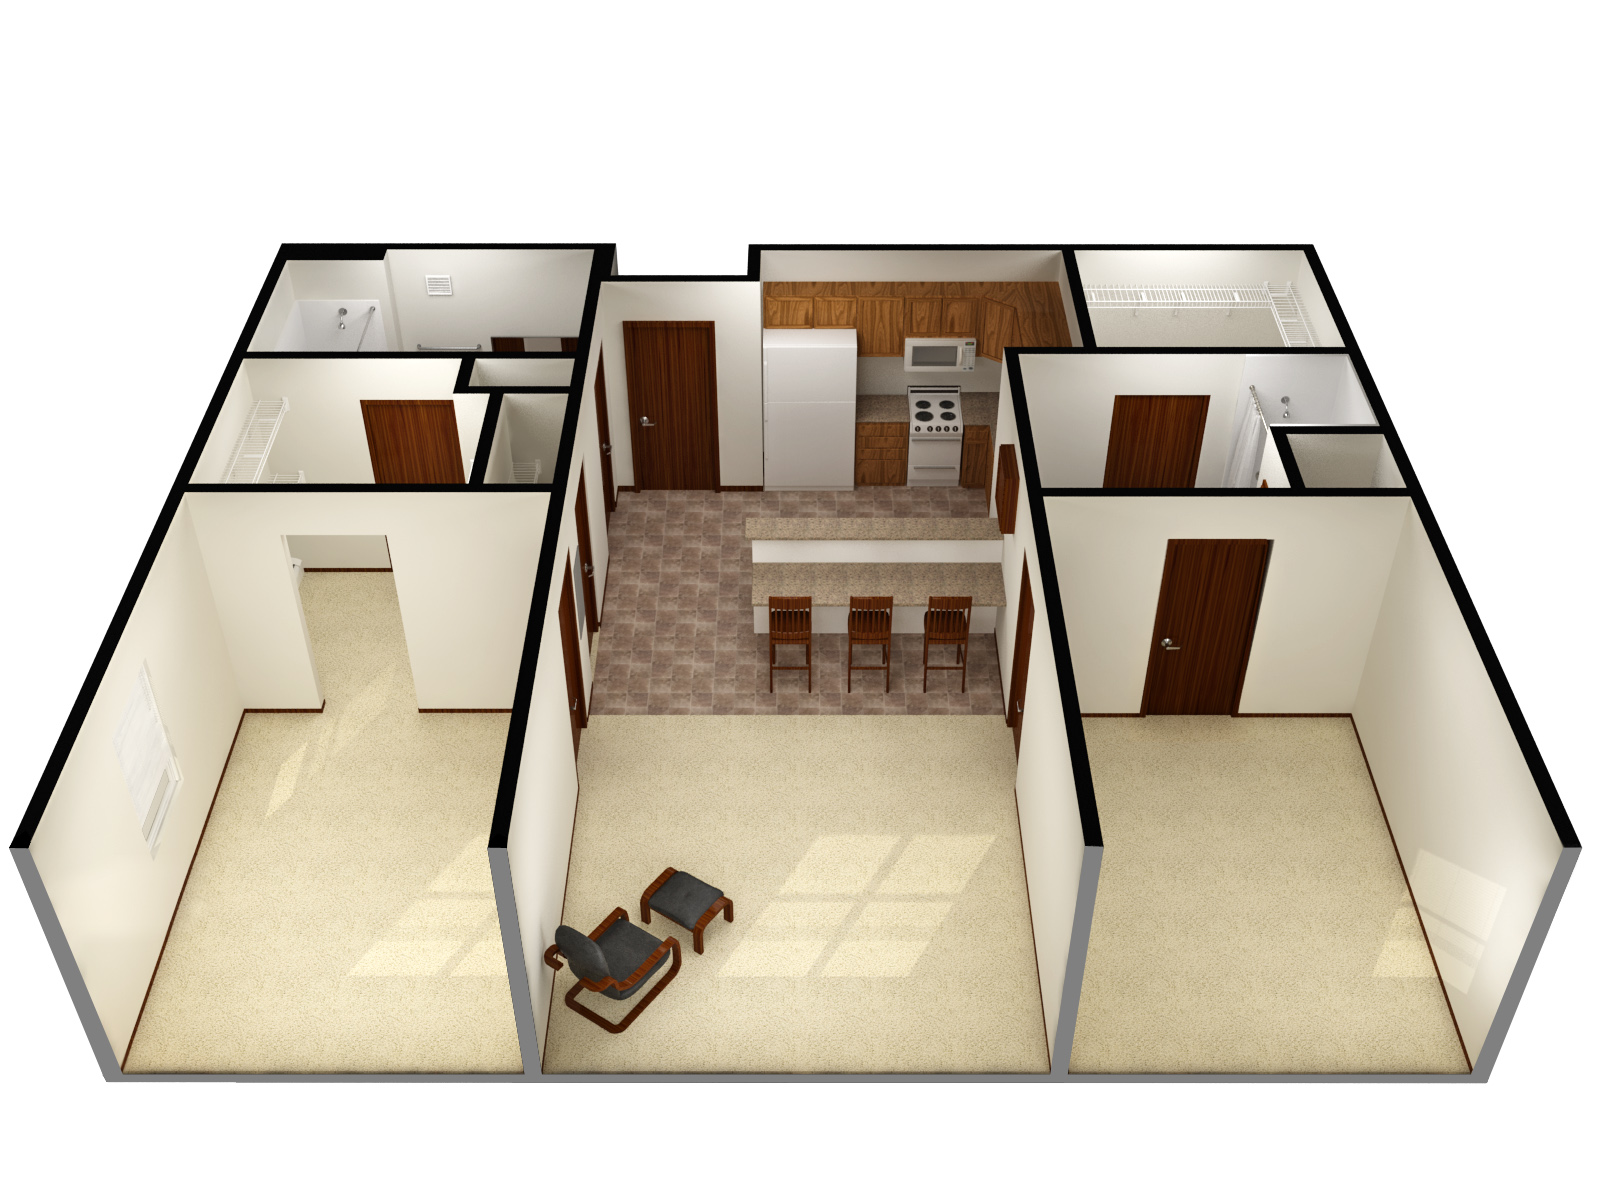 niskanen expansion residence life ndsu a